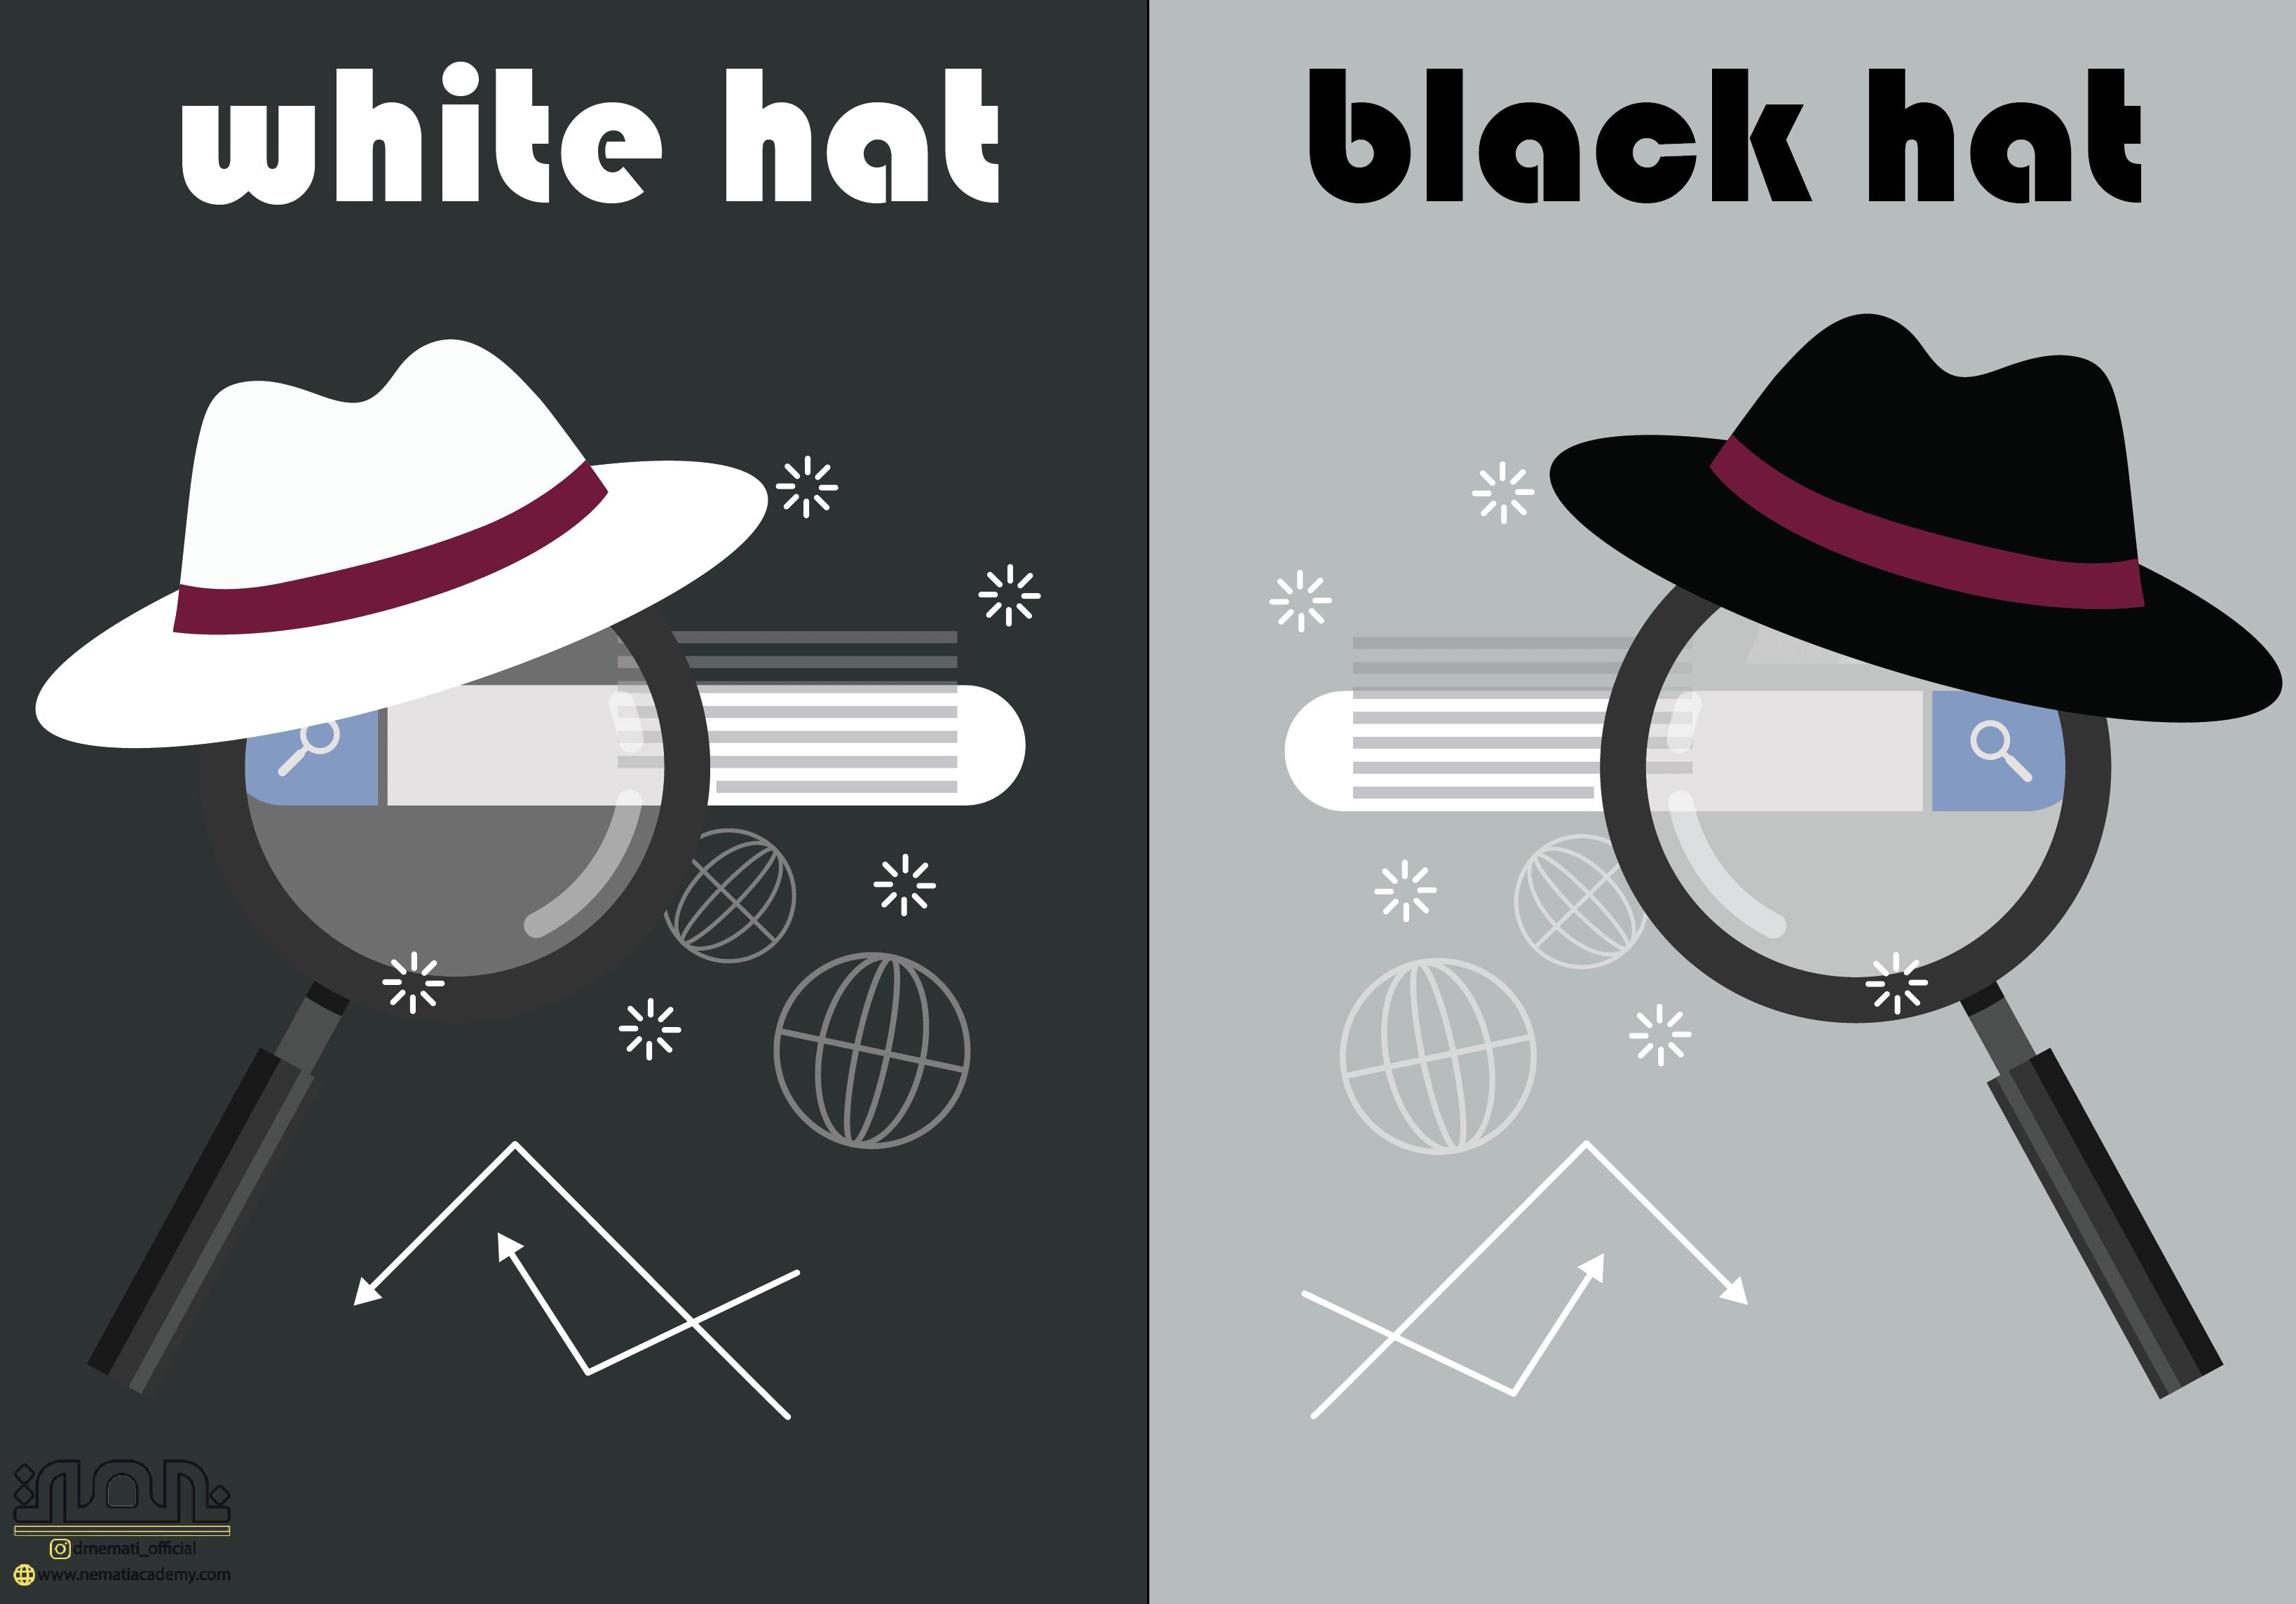 سئو چیست و کلاه سیاه و سفید چه کاربردی دارد